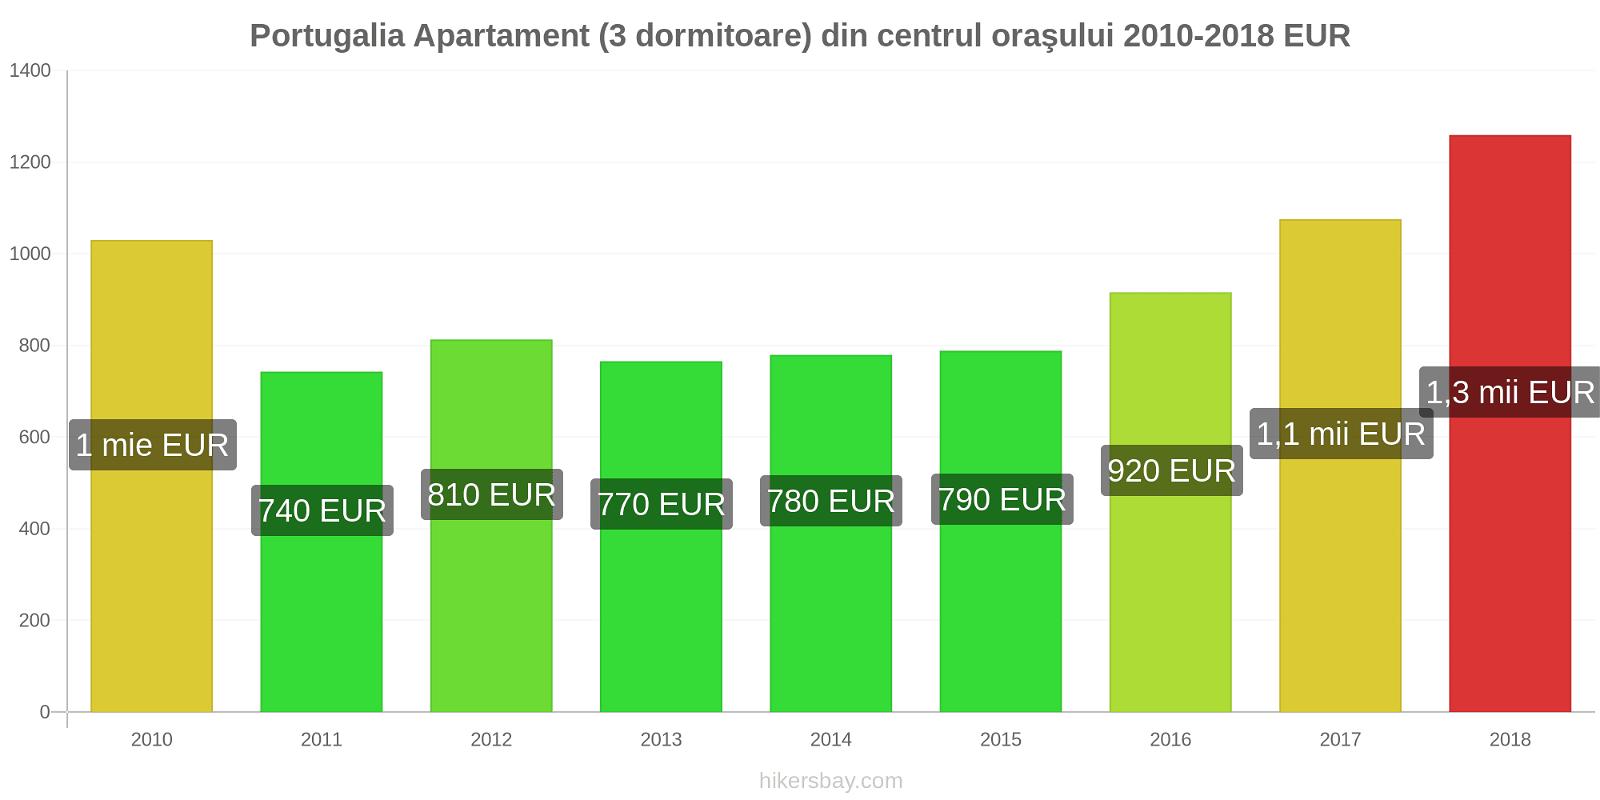 Portugalia modificări de preț Apartament (3 dormitoare) din centrul oraşului hikersbay.com